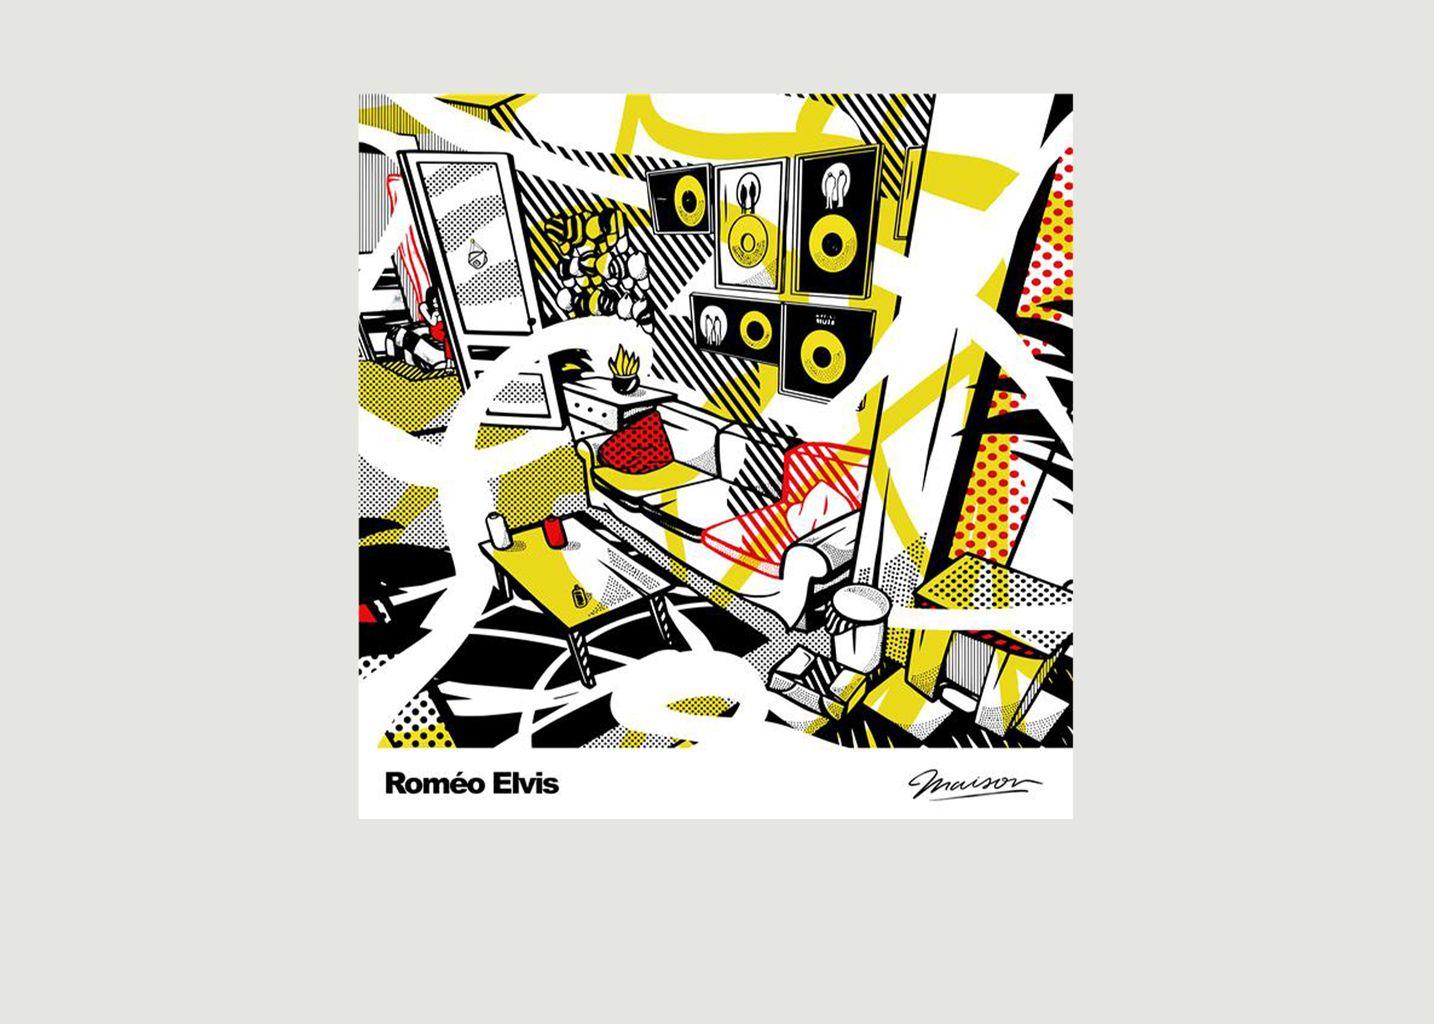 Roméo Elvis - Maison - La vinyl-thèque idéale